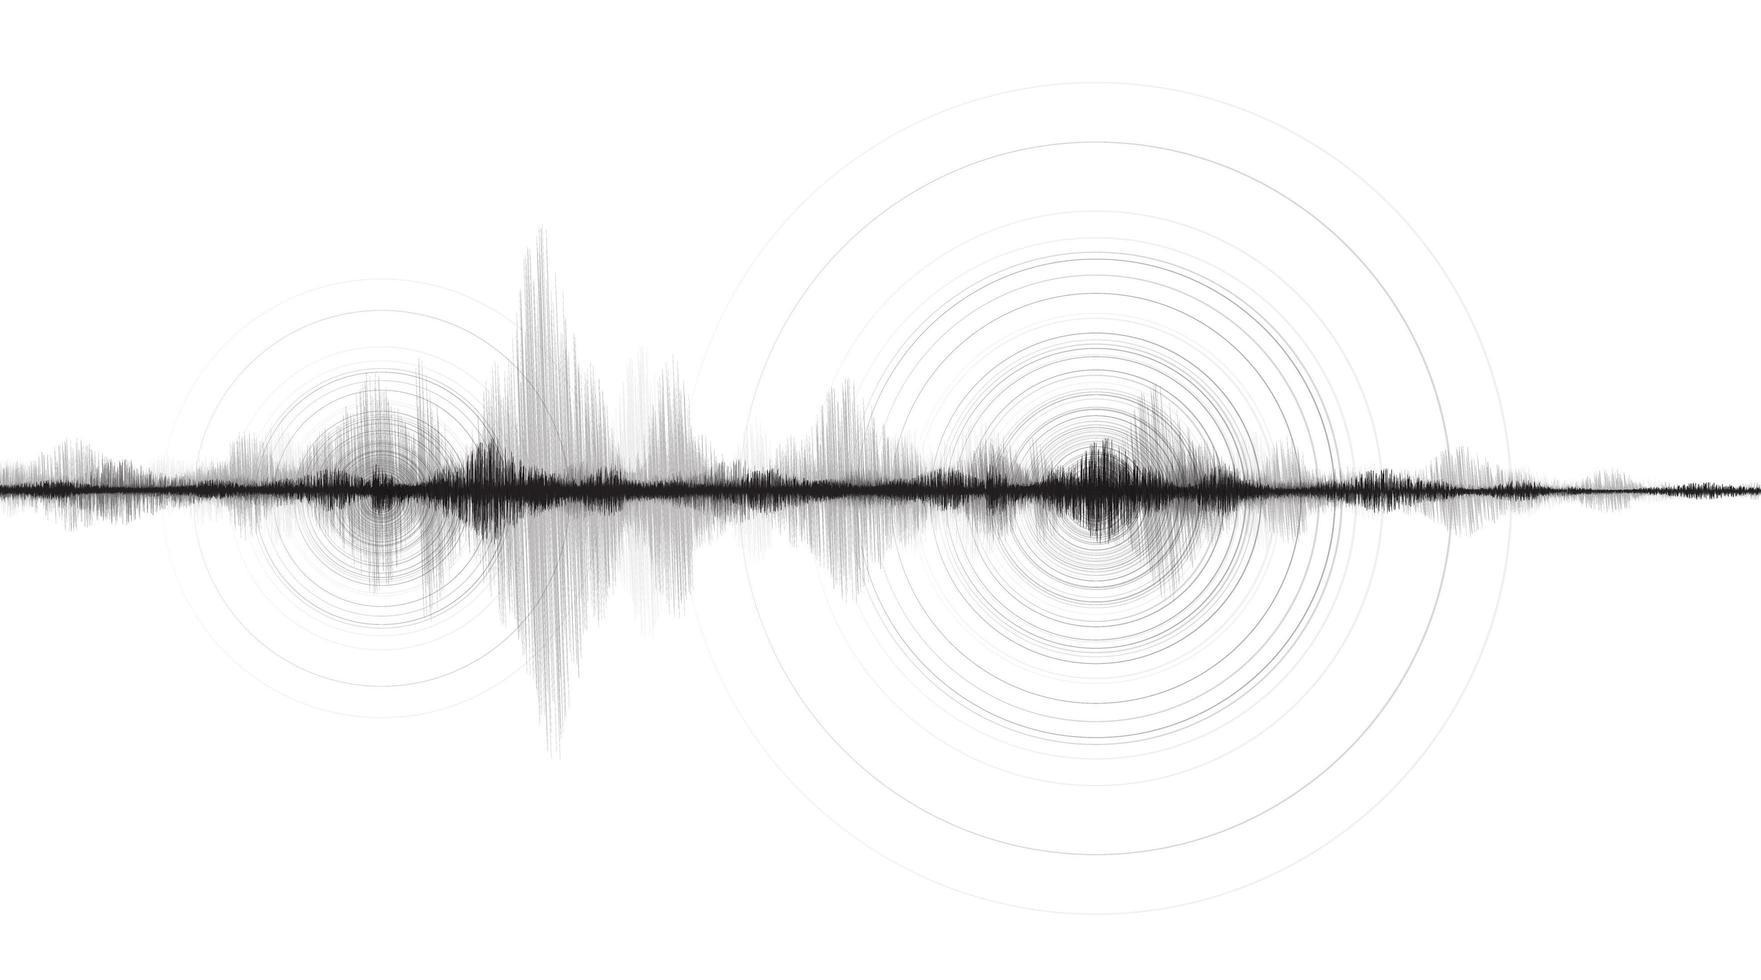 zwart-witte mini-aardbevingsgolf met cirkel trillingslijn Witboek achtergrond vector